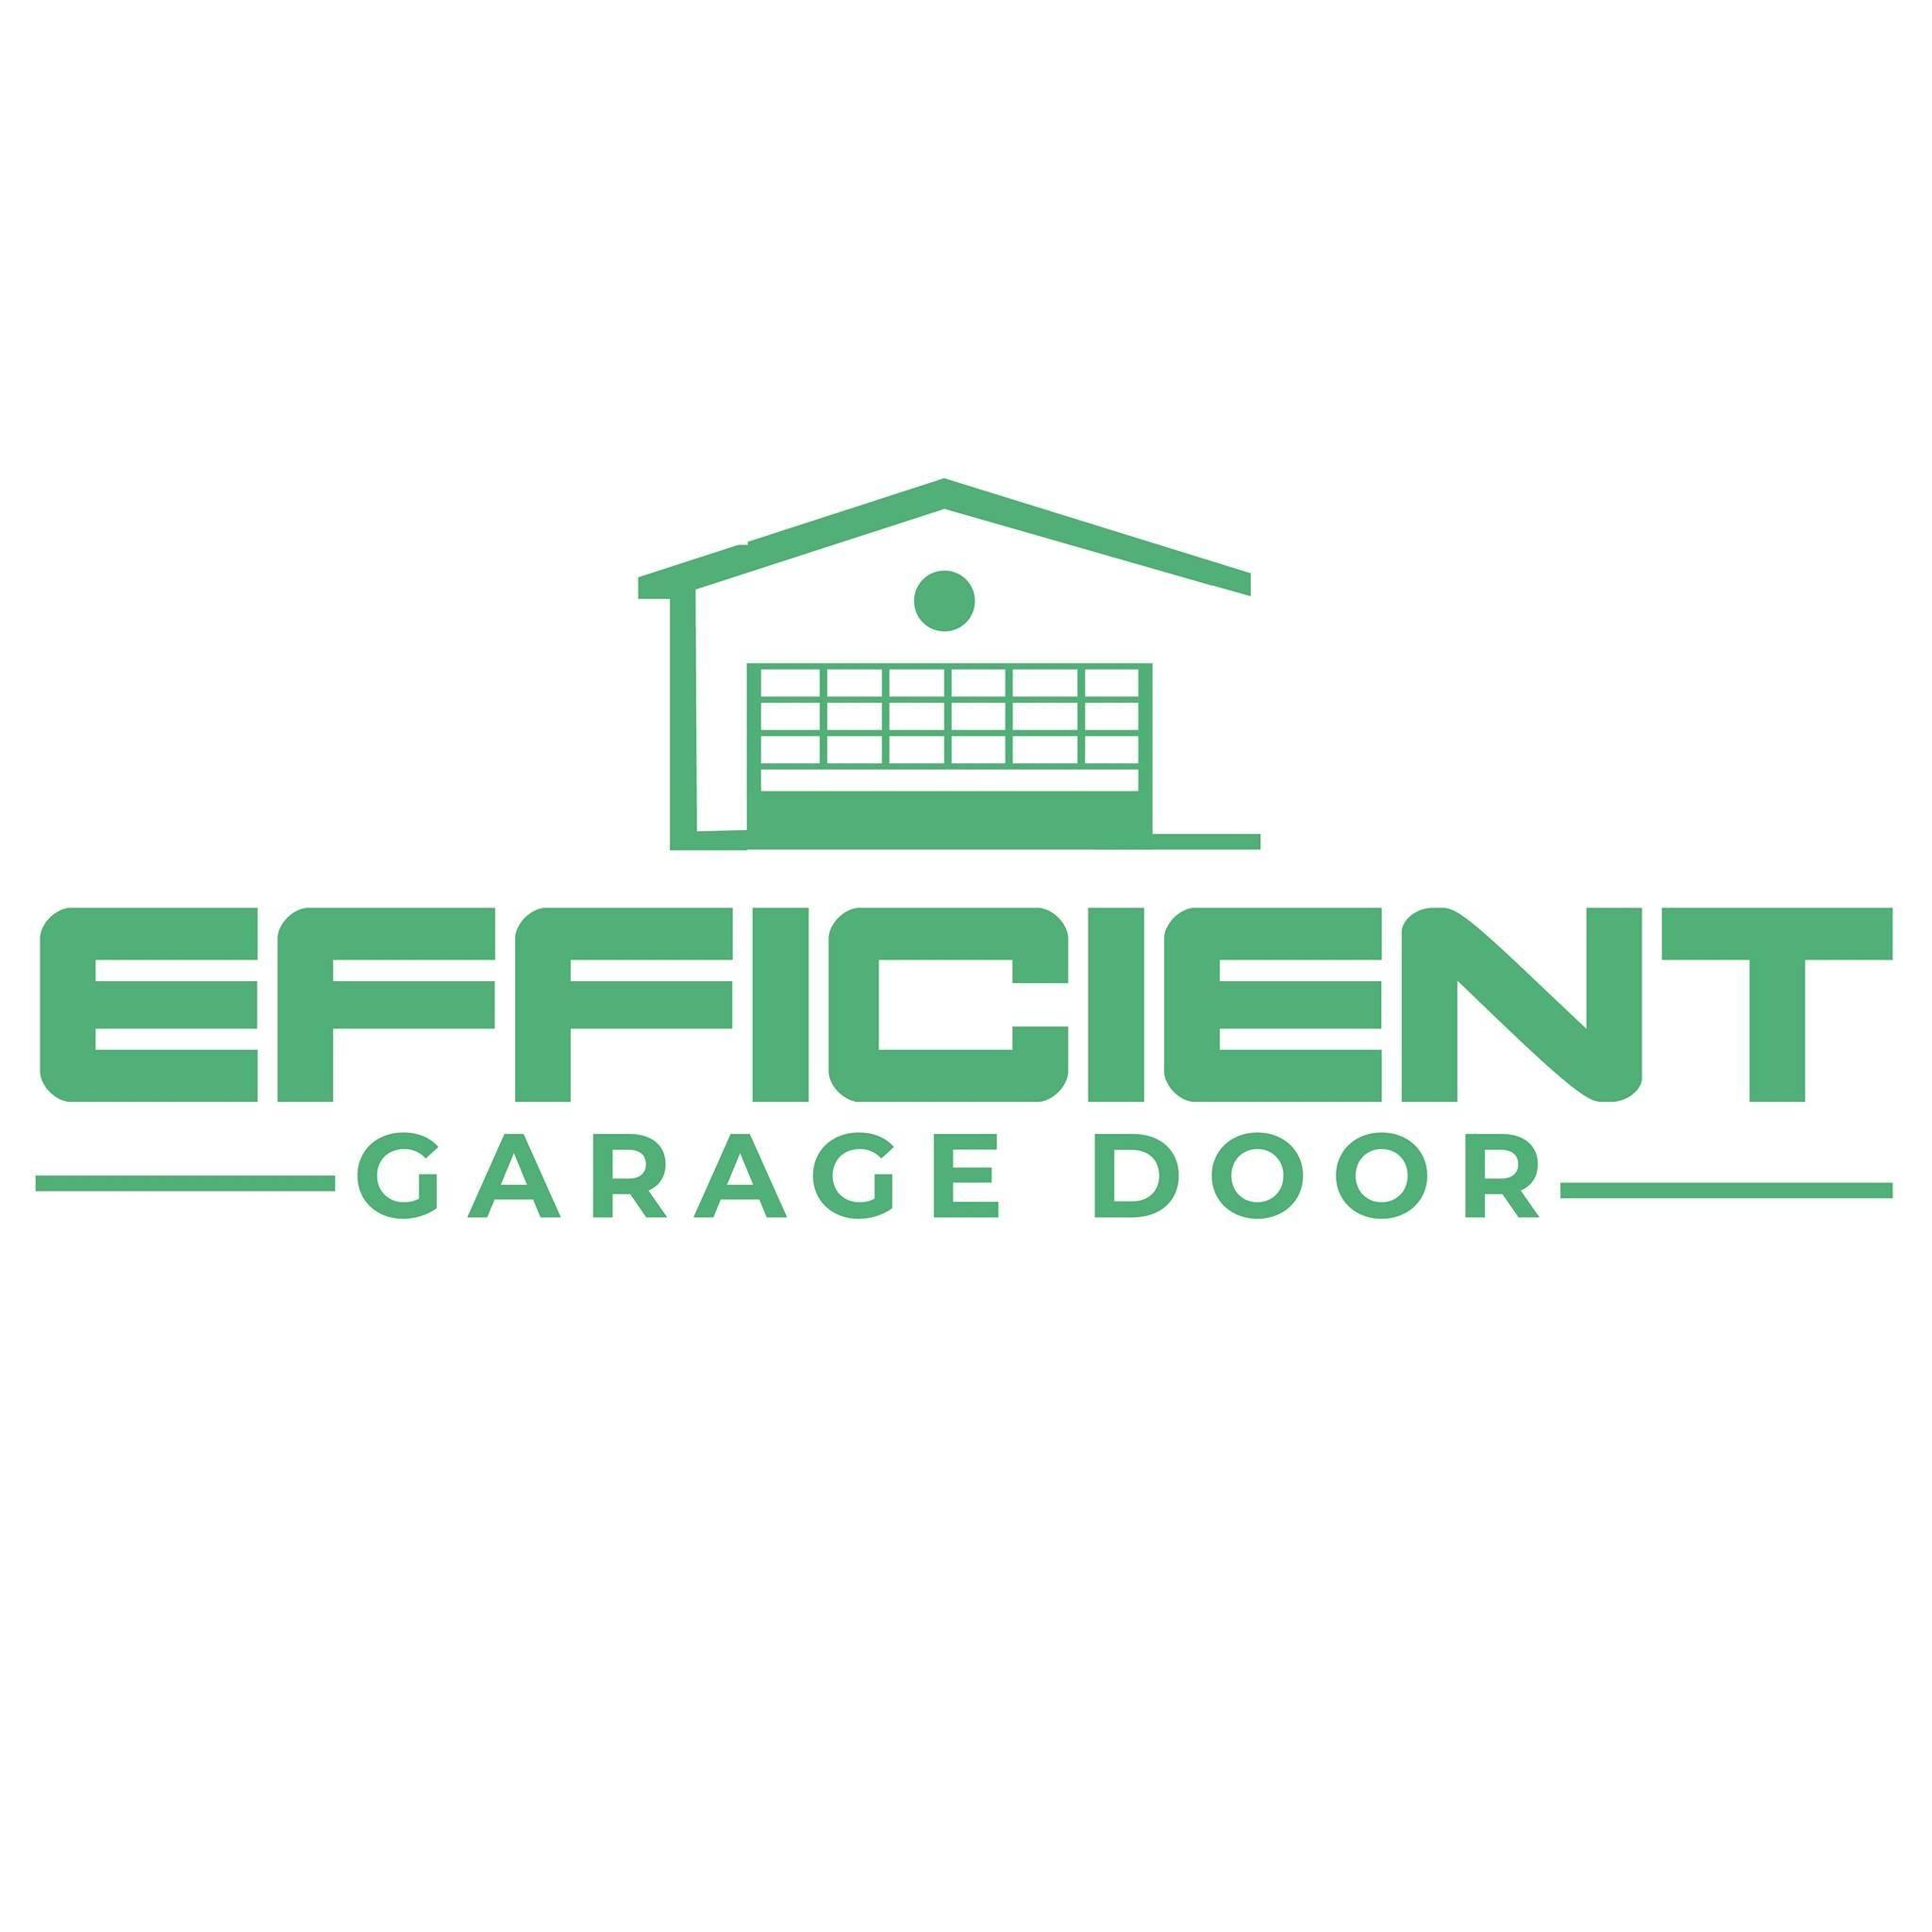 Efficient Garage Door Hits The Market With Discount On All Garage Door Repair Services In San Antonio